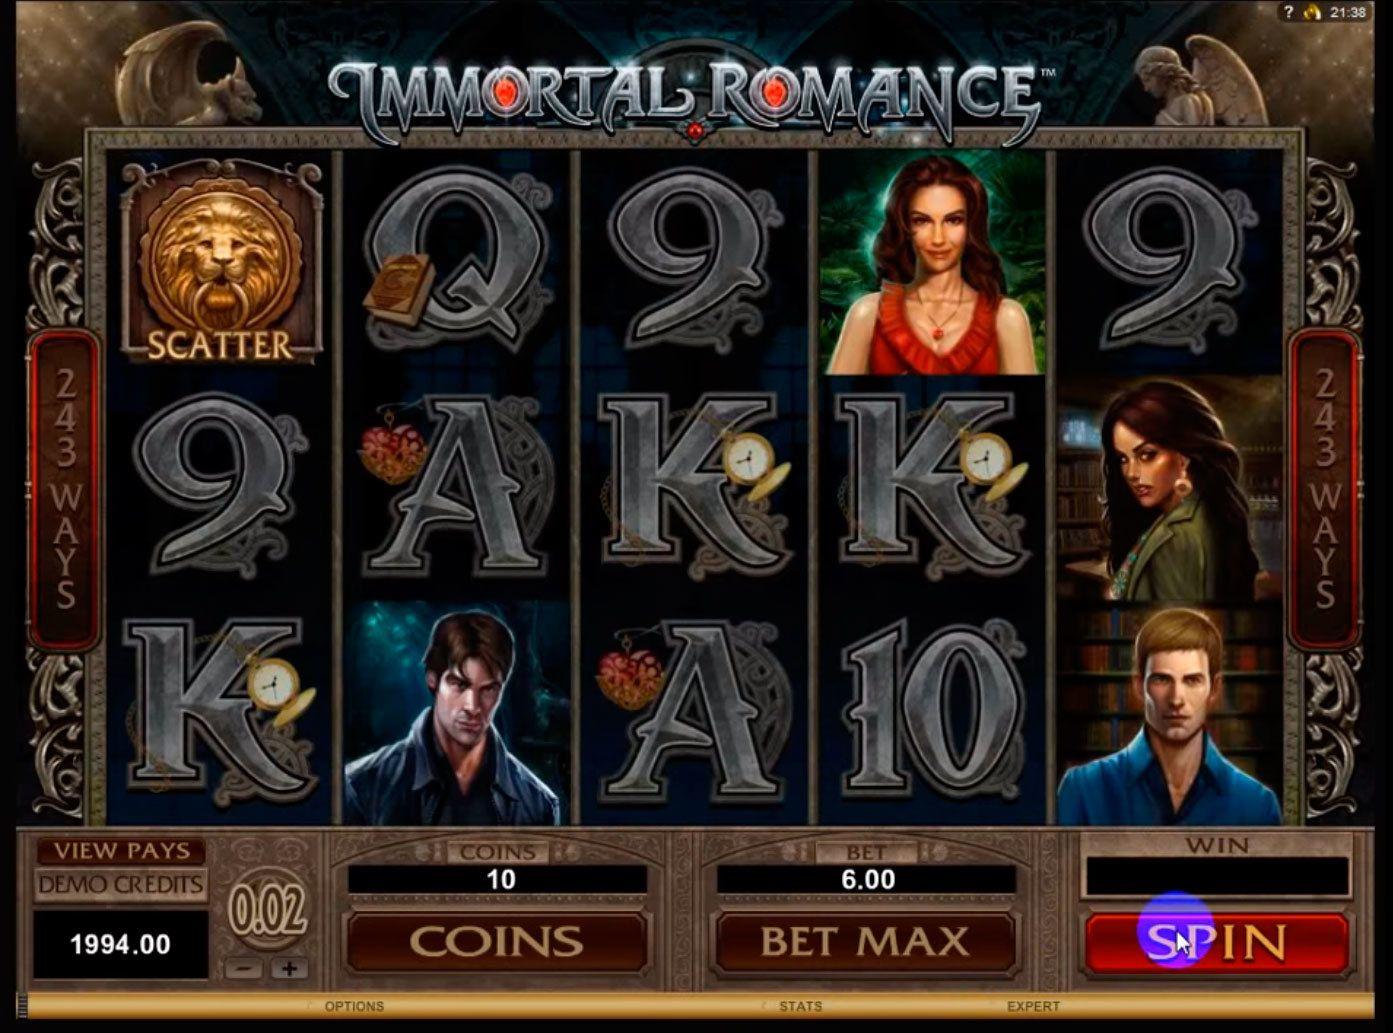 играть игровые автоматы без денег